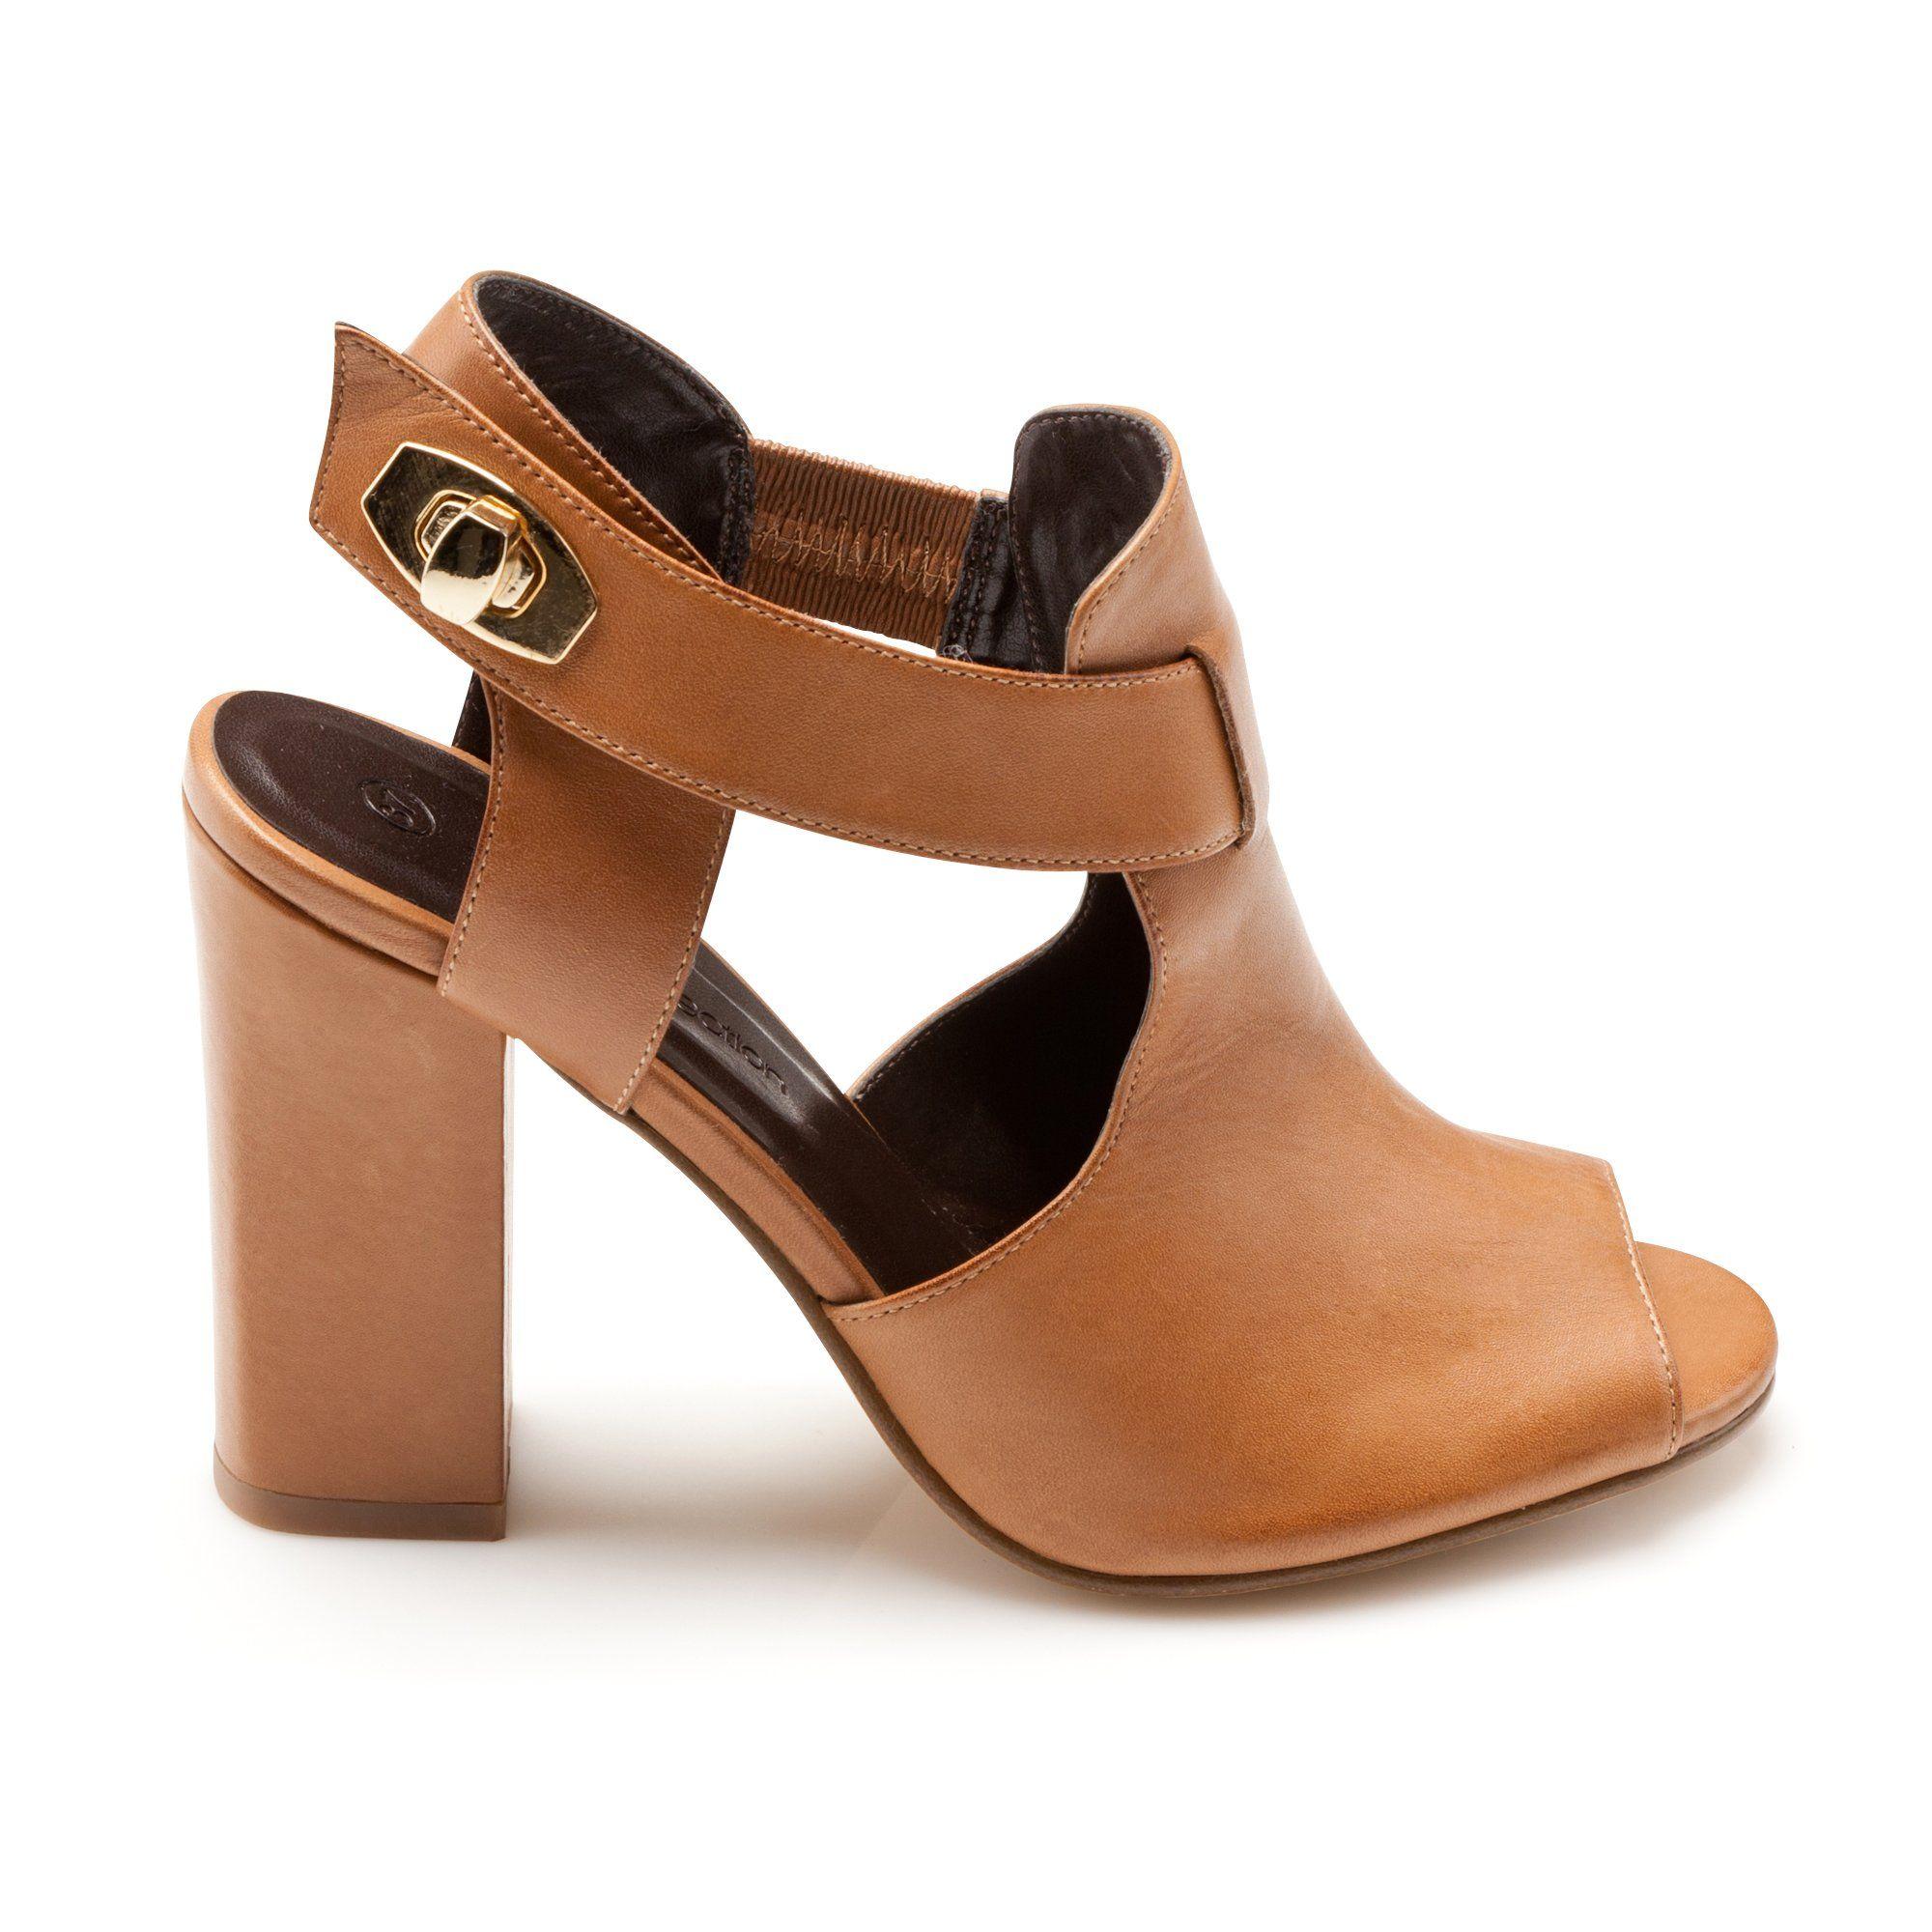 Sandales Heaven Femme Cuir À Talon 3suissesShoes' Shoes c34RjLqS5A